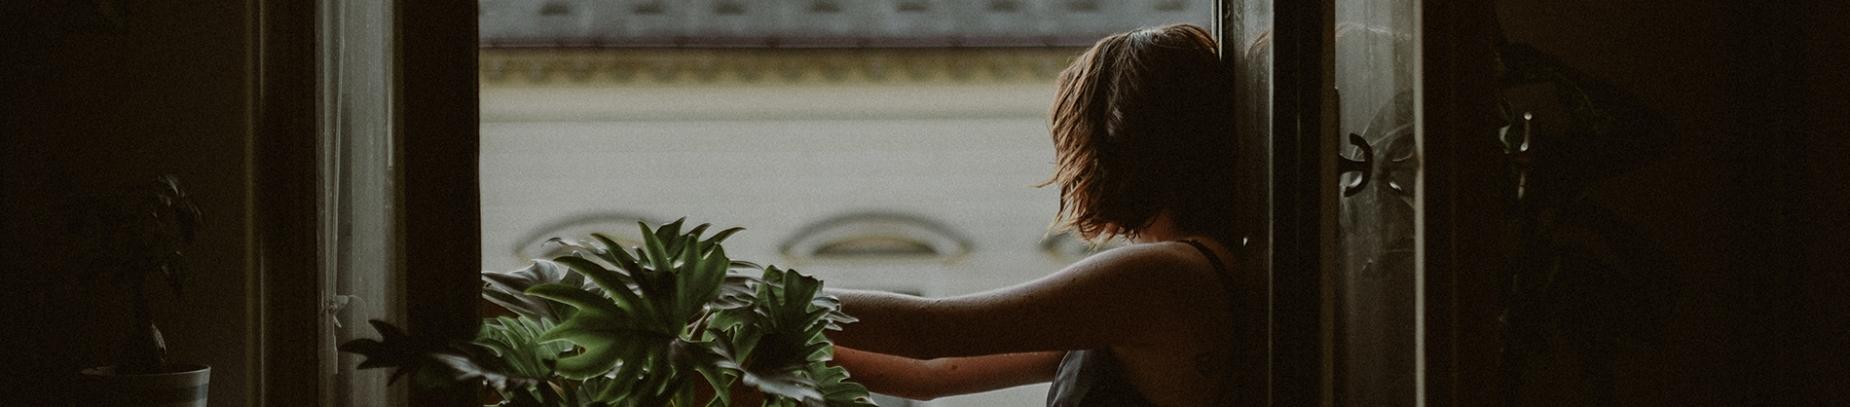 A women sat in a open window looking out